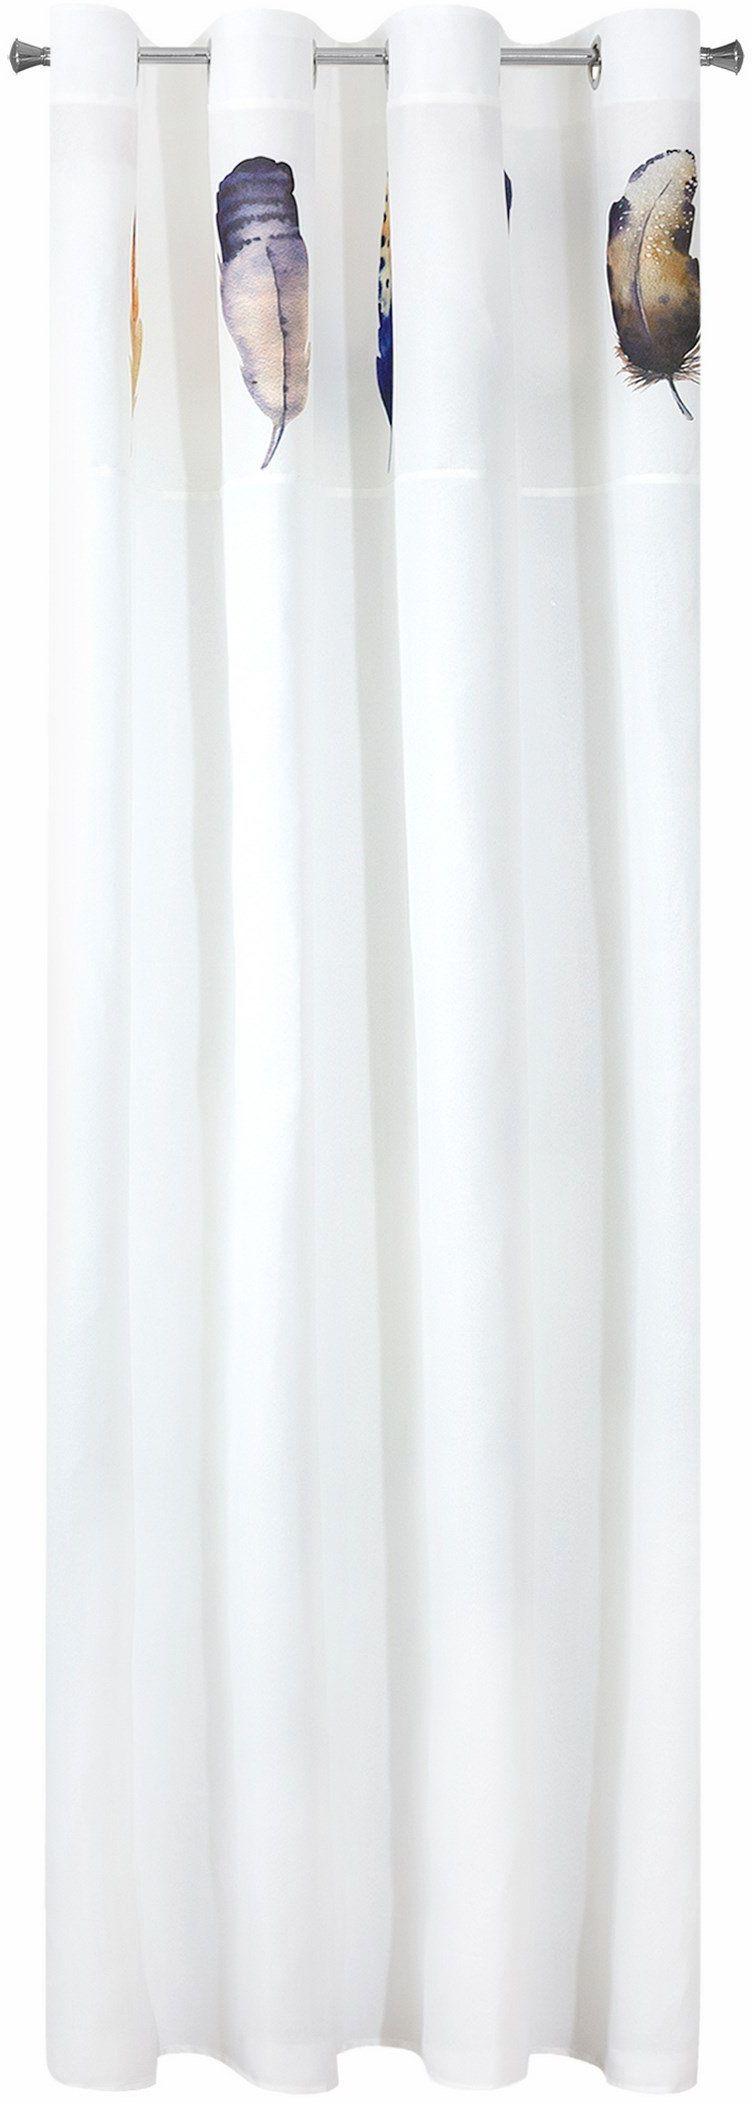 Eurofirany Zasłona z oczkami z kolorowymi piórami, poliester, biała, 250 x 140 x 1 cm